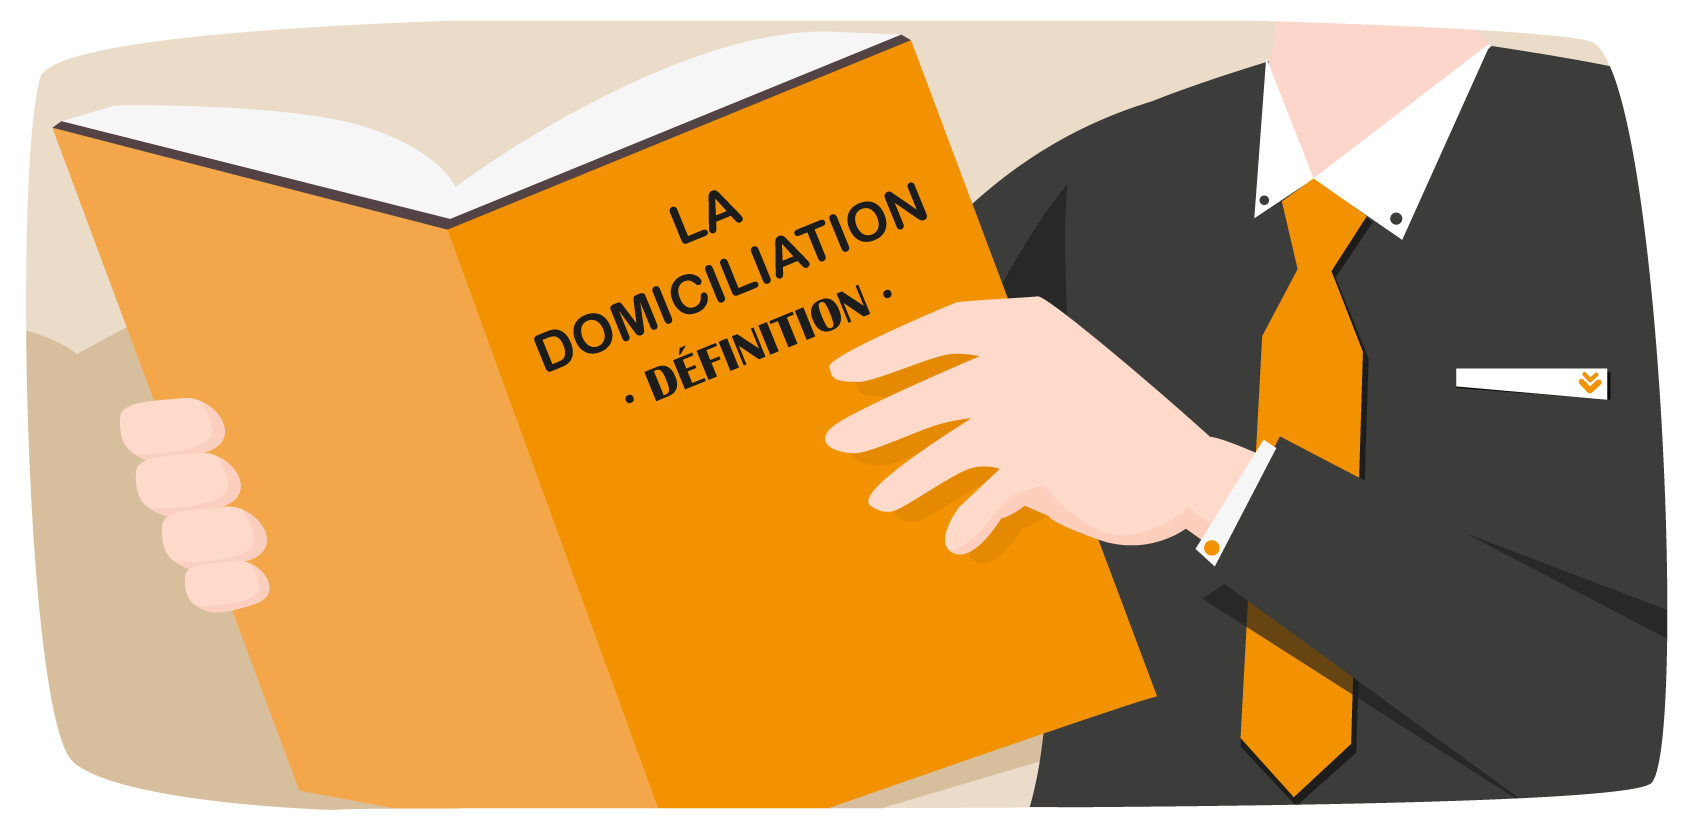 Domiciliation d'entreprise : c'est quoi plus exactement ?